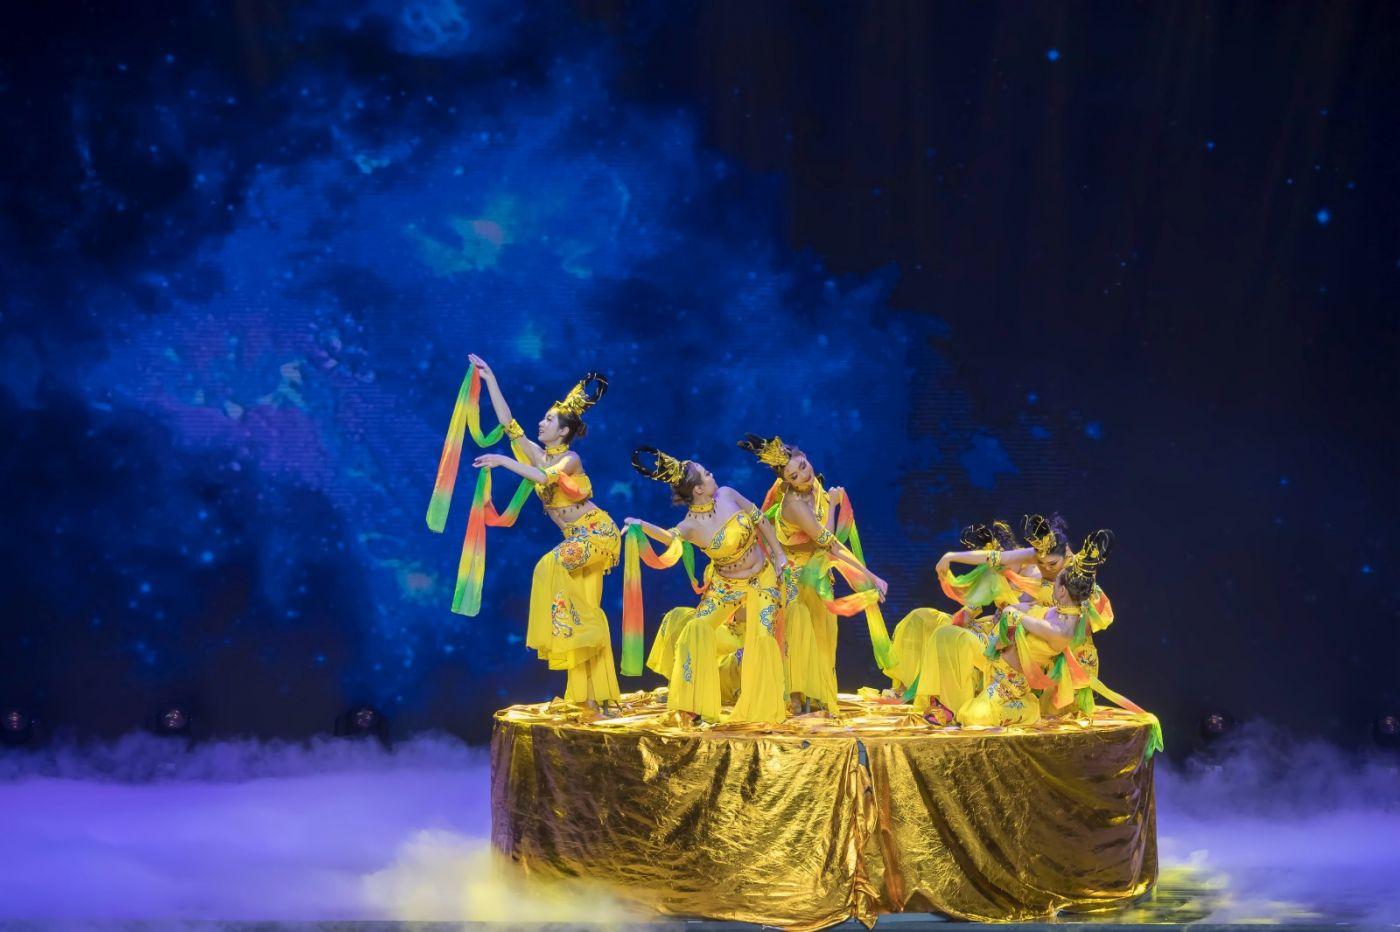 沂蒙大地上 有一种舞蹈叫飞天 这是几位临沂女孩的杰作 美轮美奂 ..._图1-60